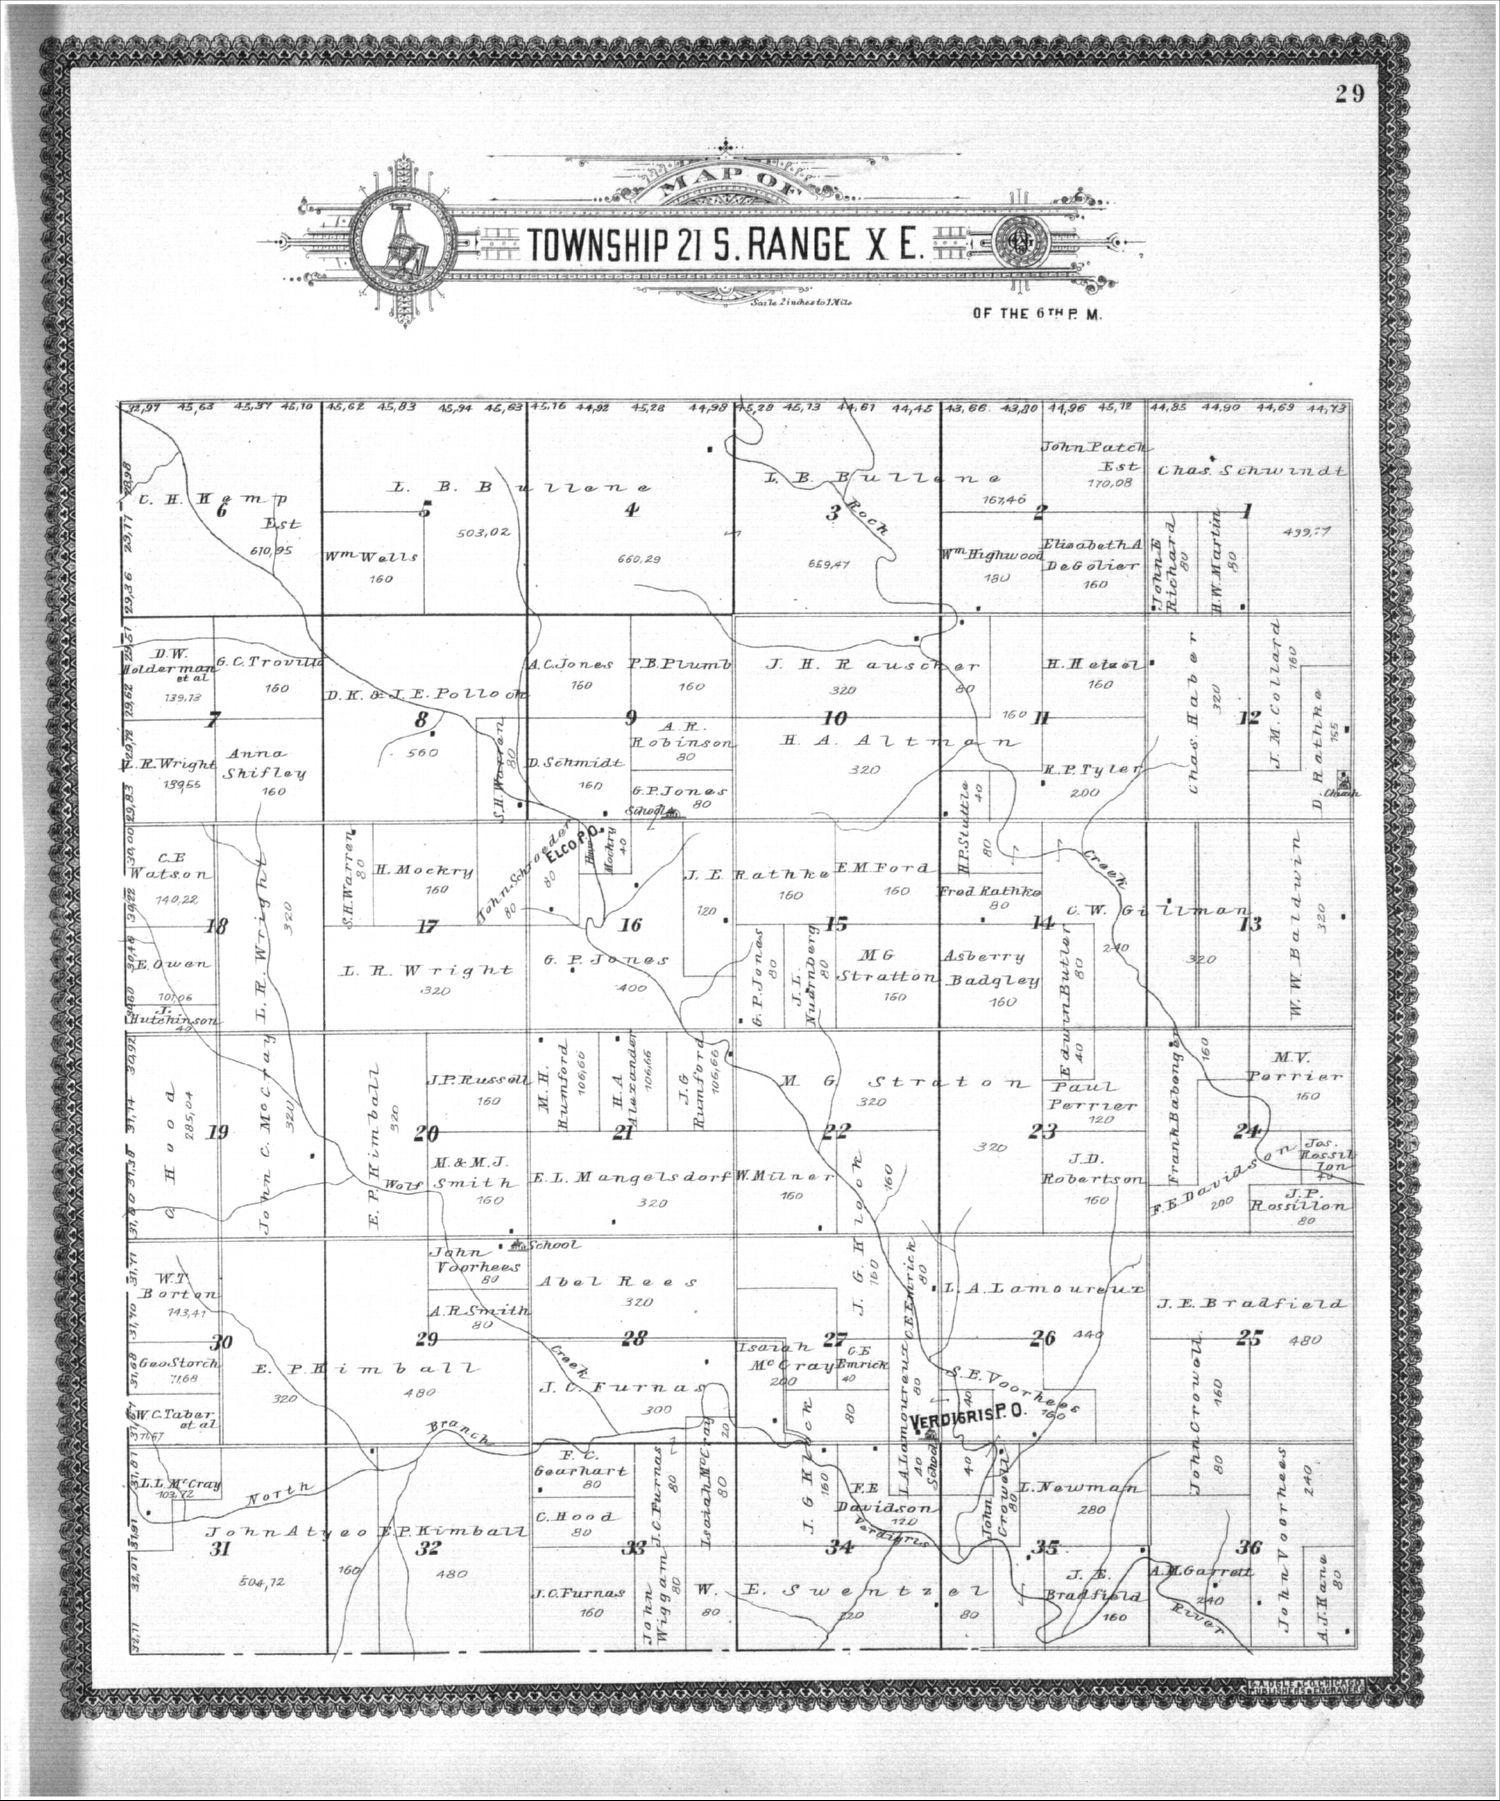 Standard atlas, Lyon County, Kansas - 29